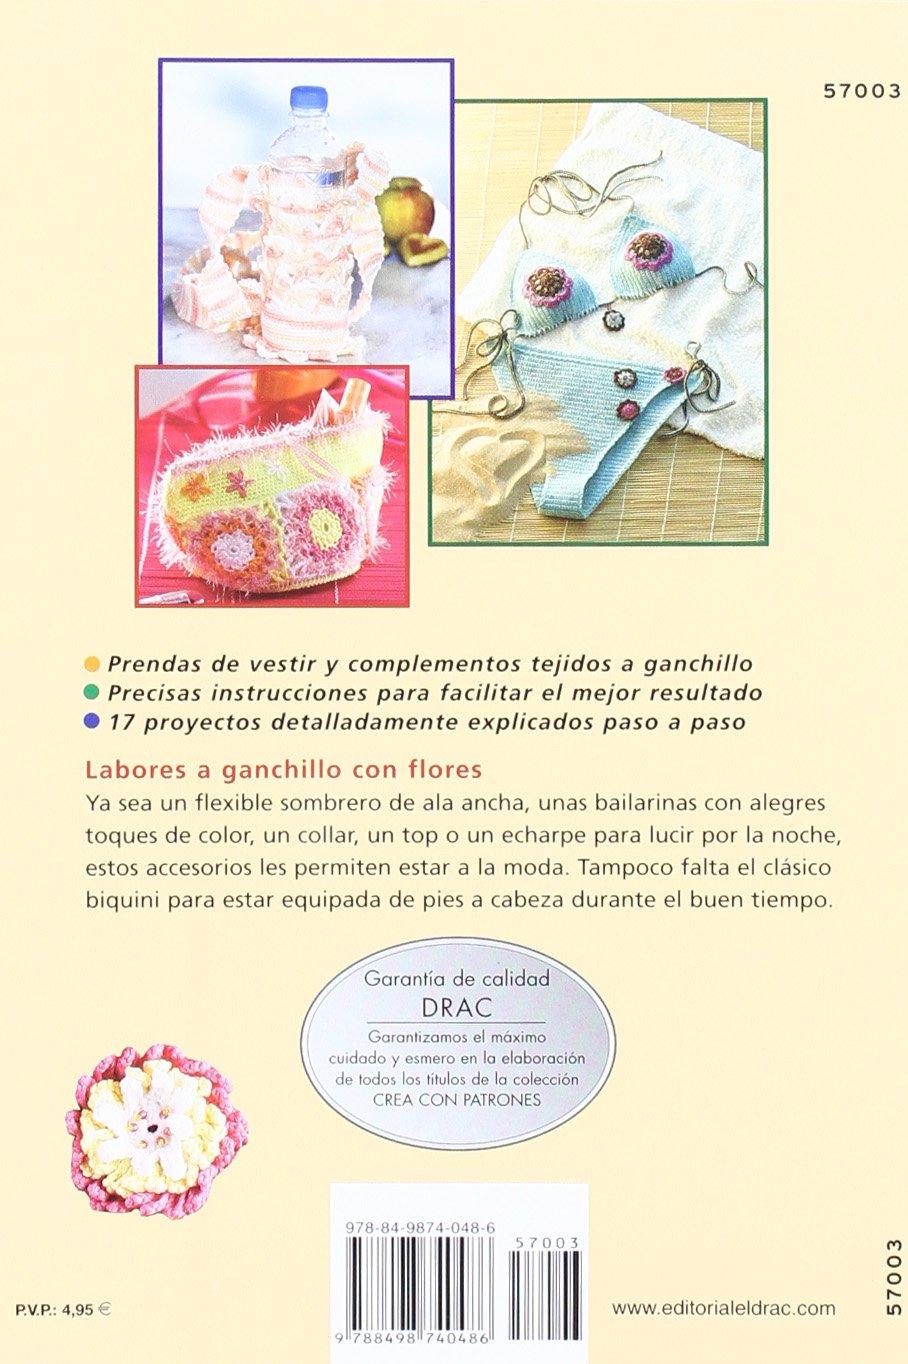 Serie Ganchillo nº 3. BISUTERÍA Y COMPLEMENTOS CON FLORES DE GANCHILLO Cp Serie Ganchillo drac: Amazon.es: Simone Raab: Libros